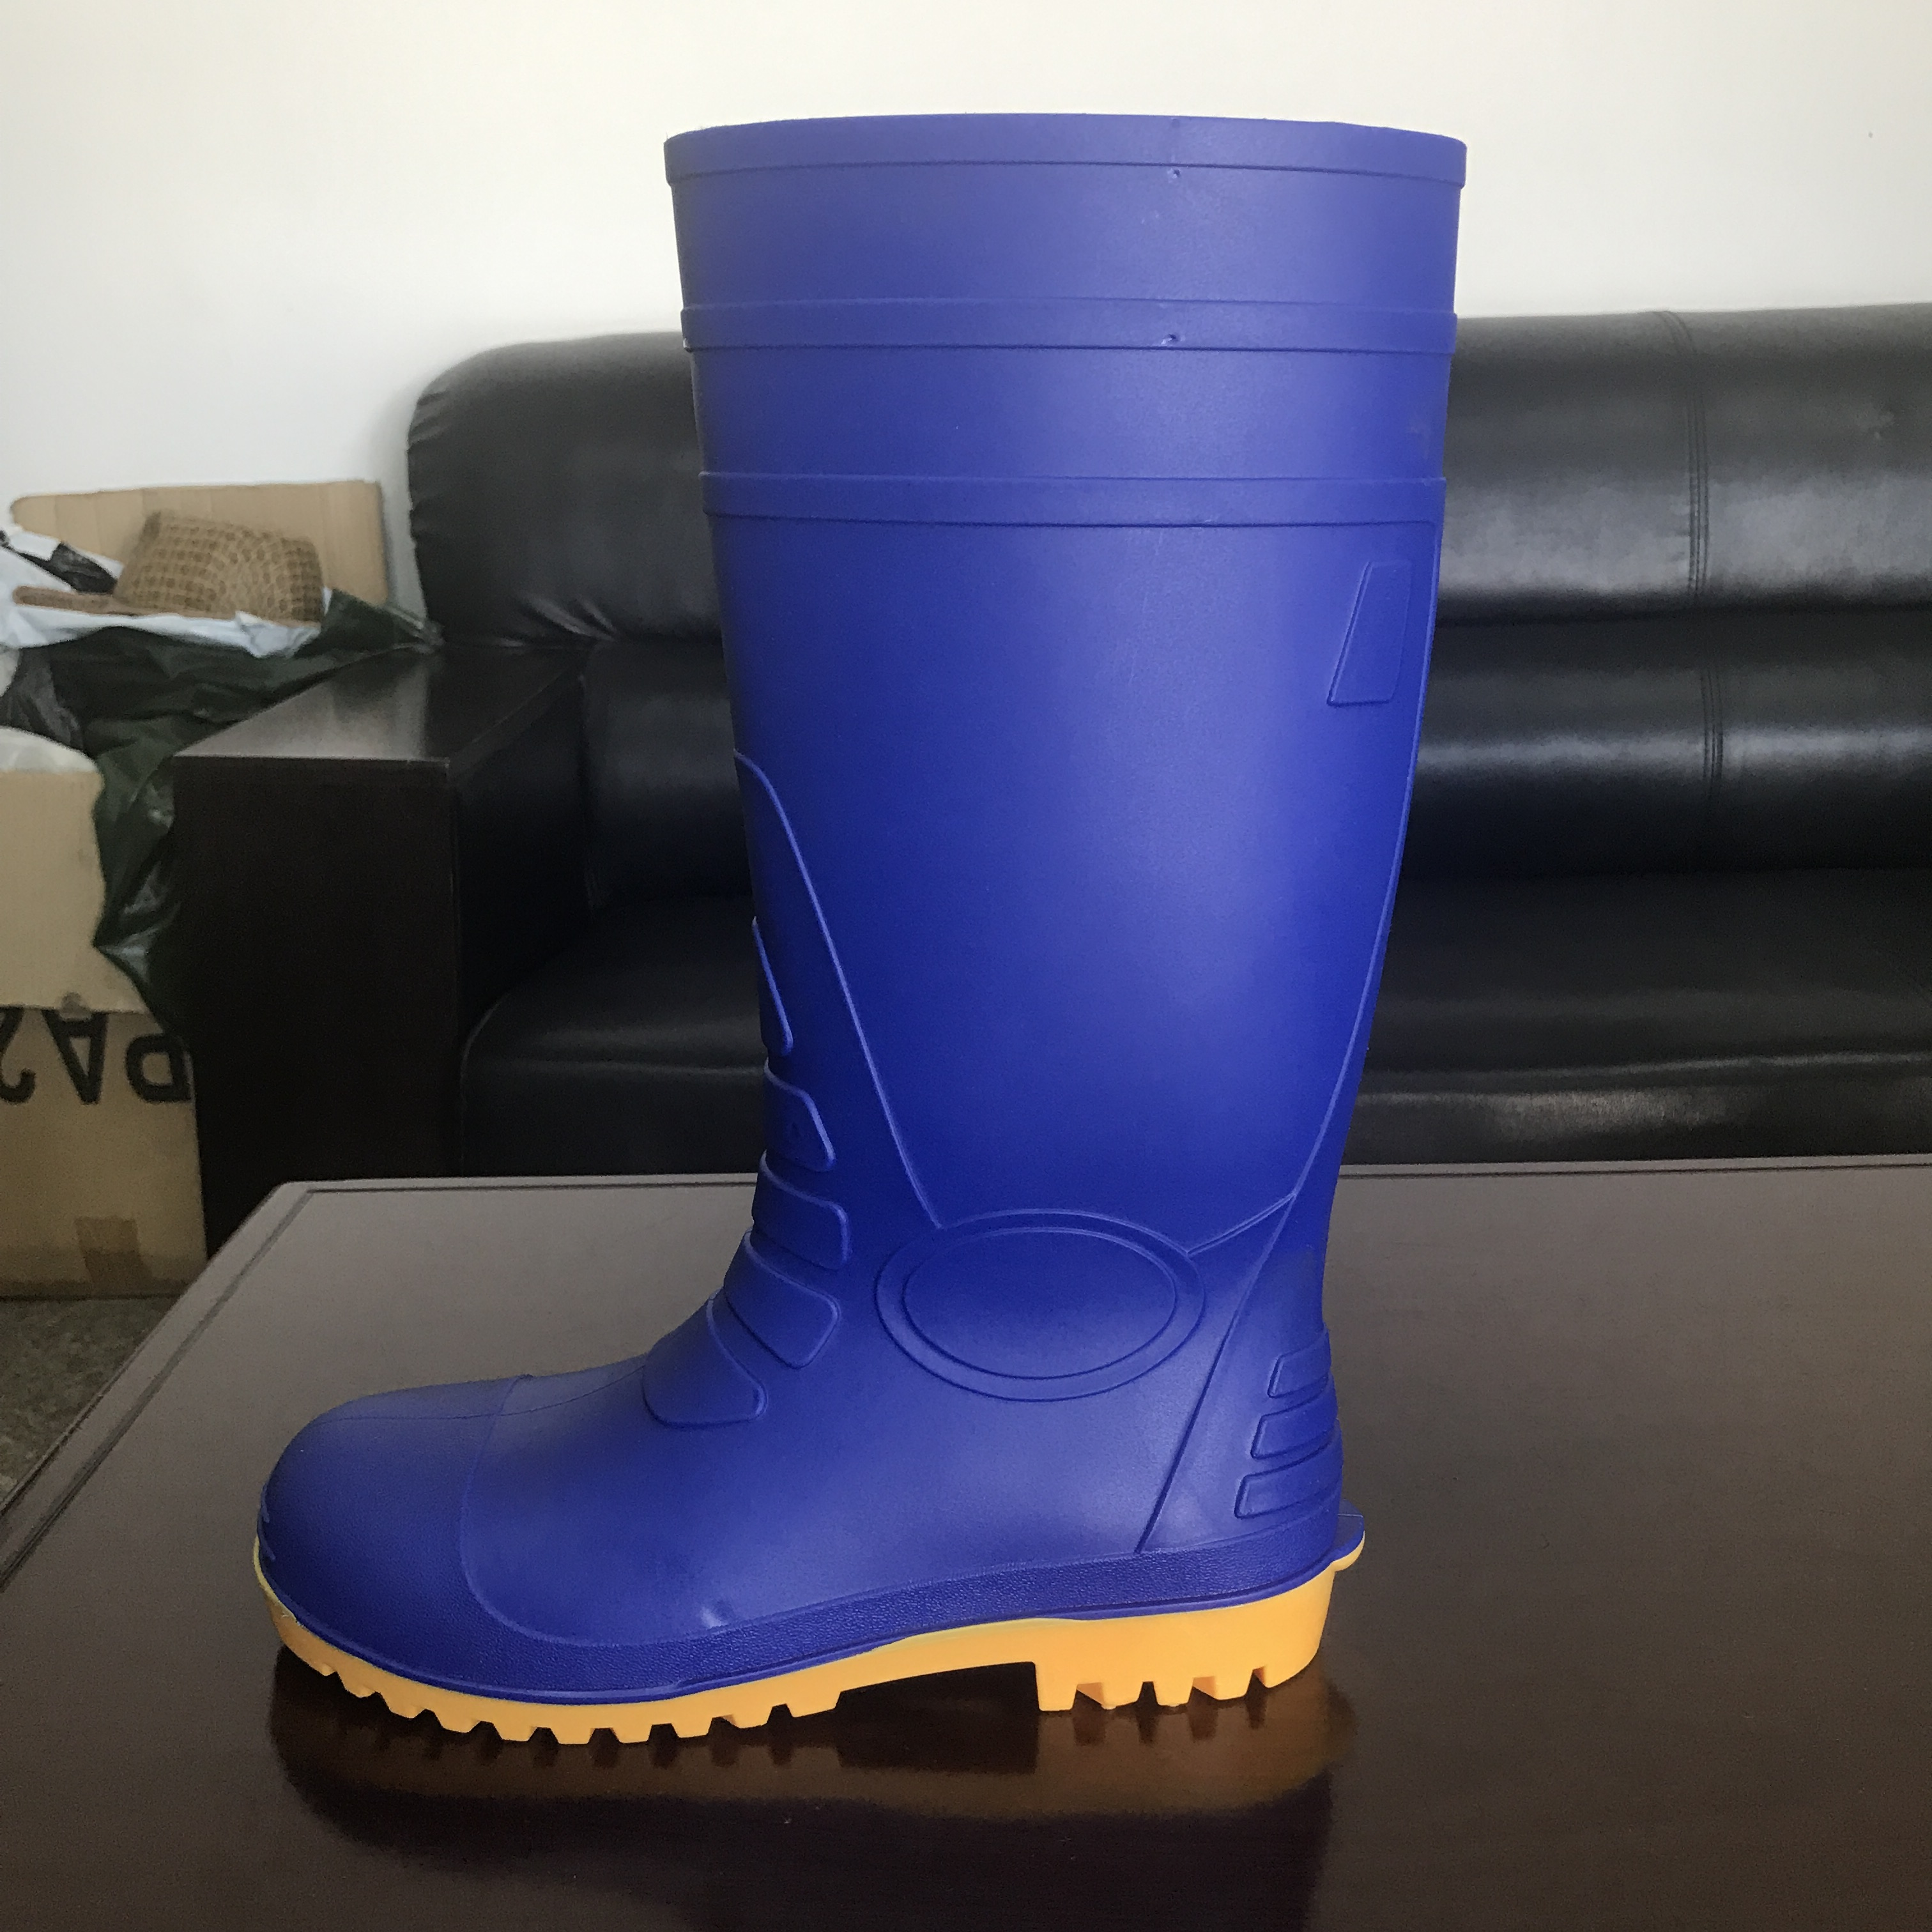 AN108蓝色黄底供应雨鞋 带钢头防砸雨鞋可加钢板防穿刺功能雨靴 AN108蓝色黄底